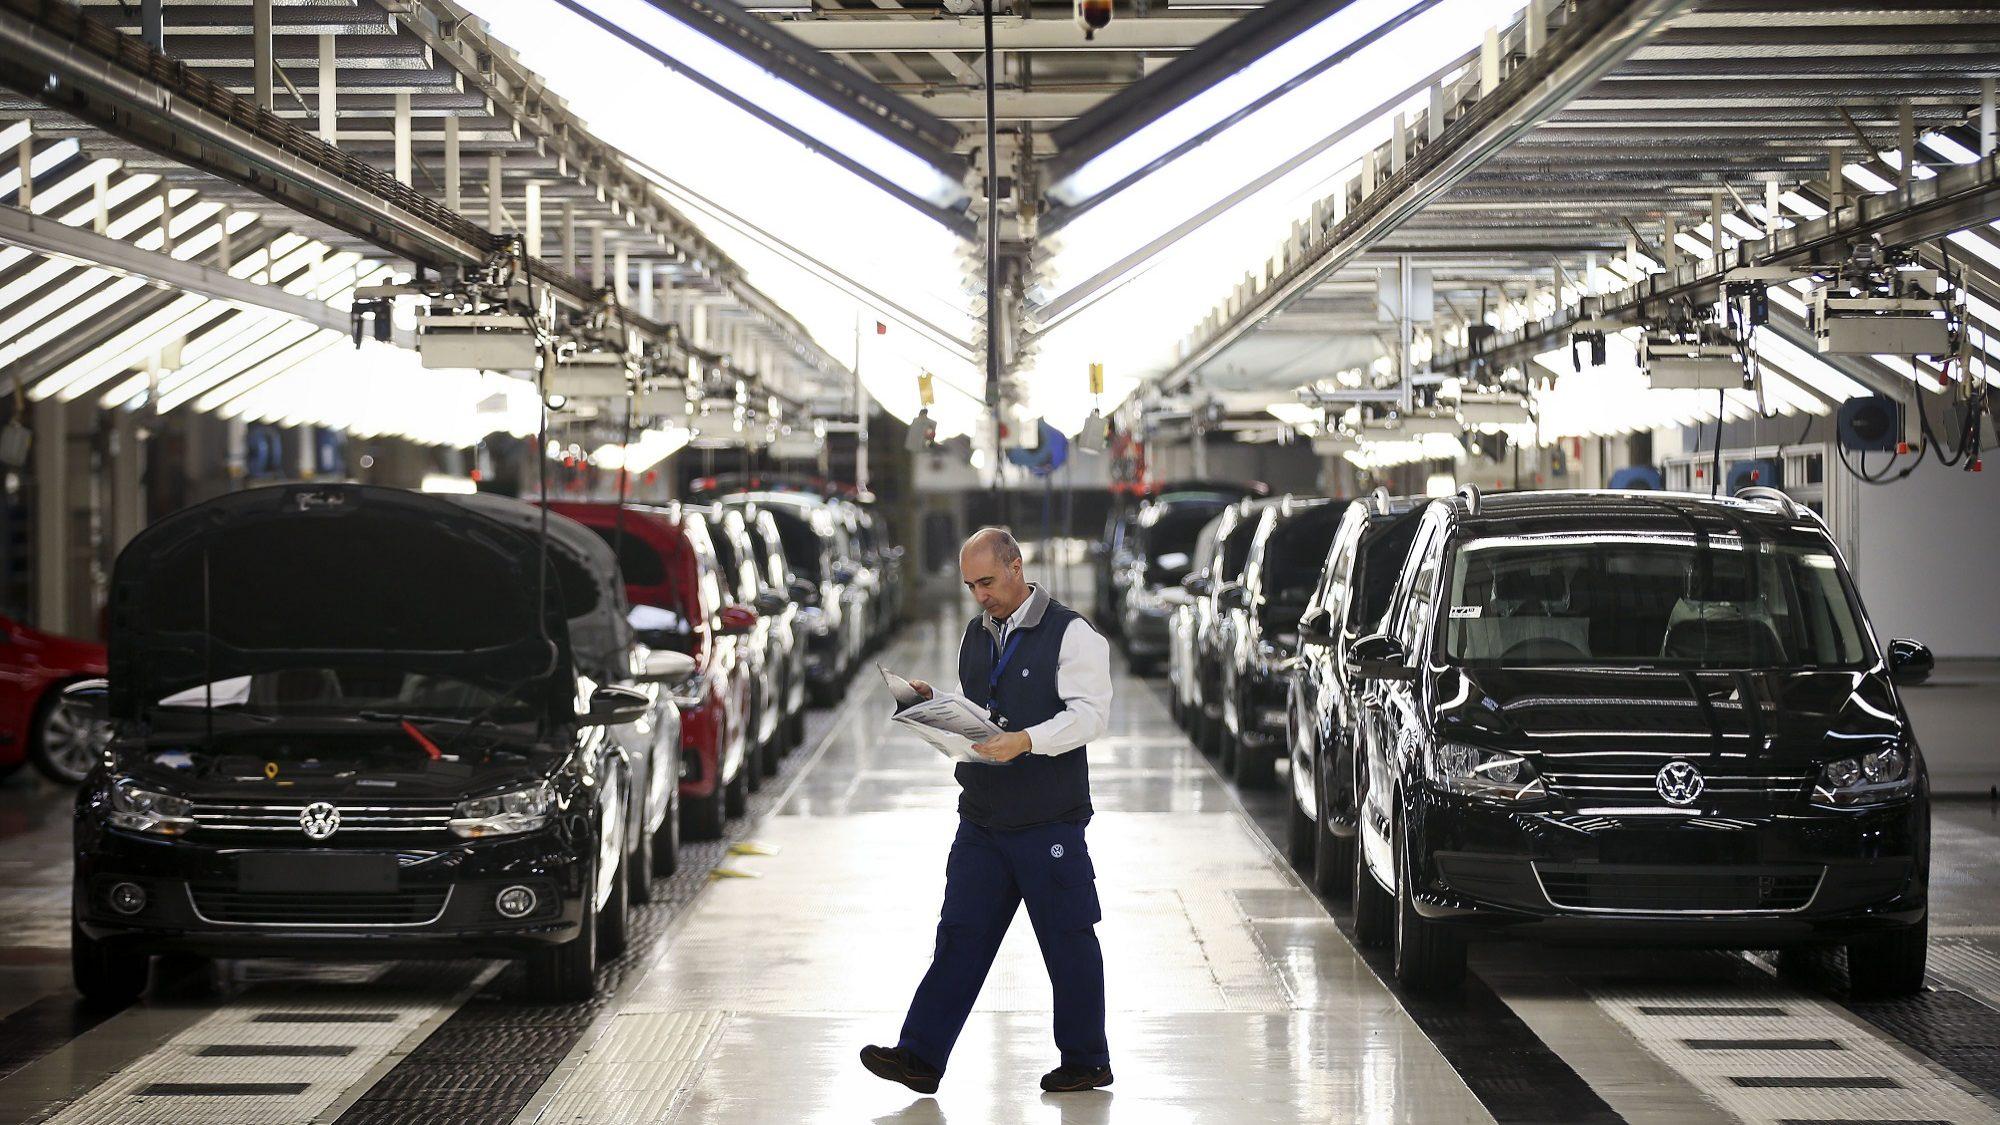 Autoeuropa prestes a atingir os três milhões de carros